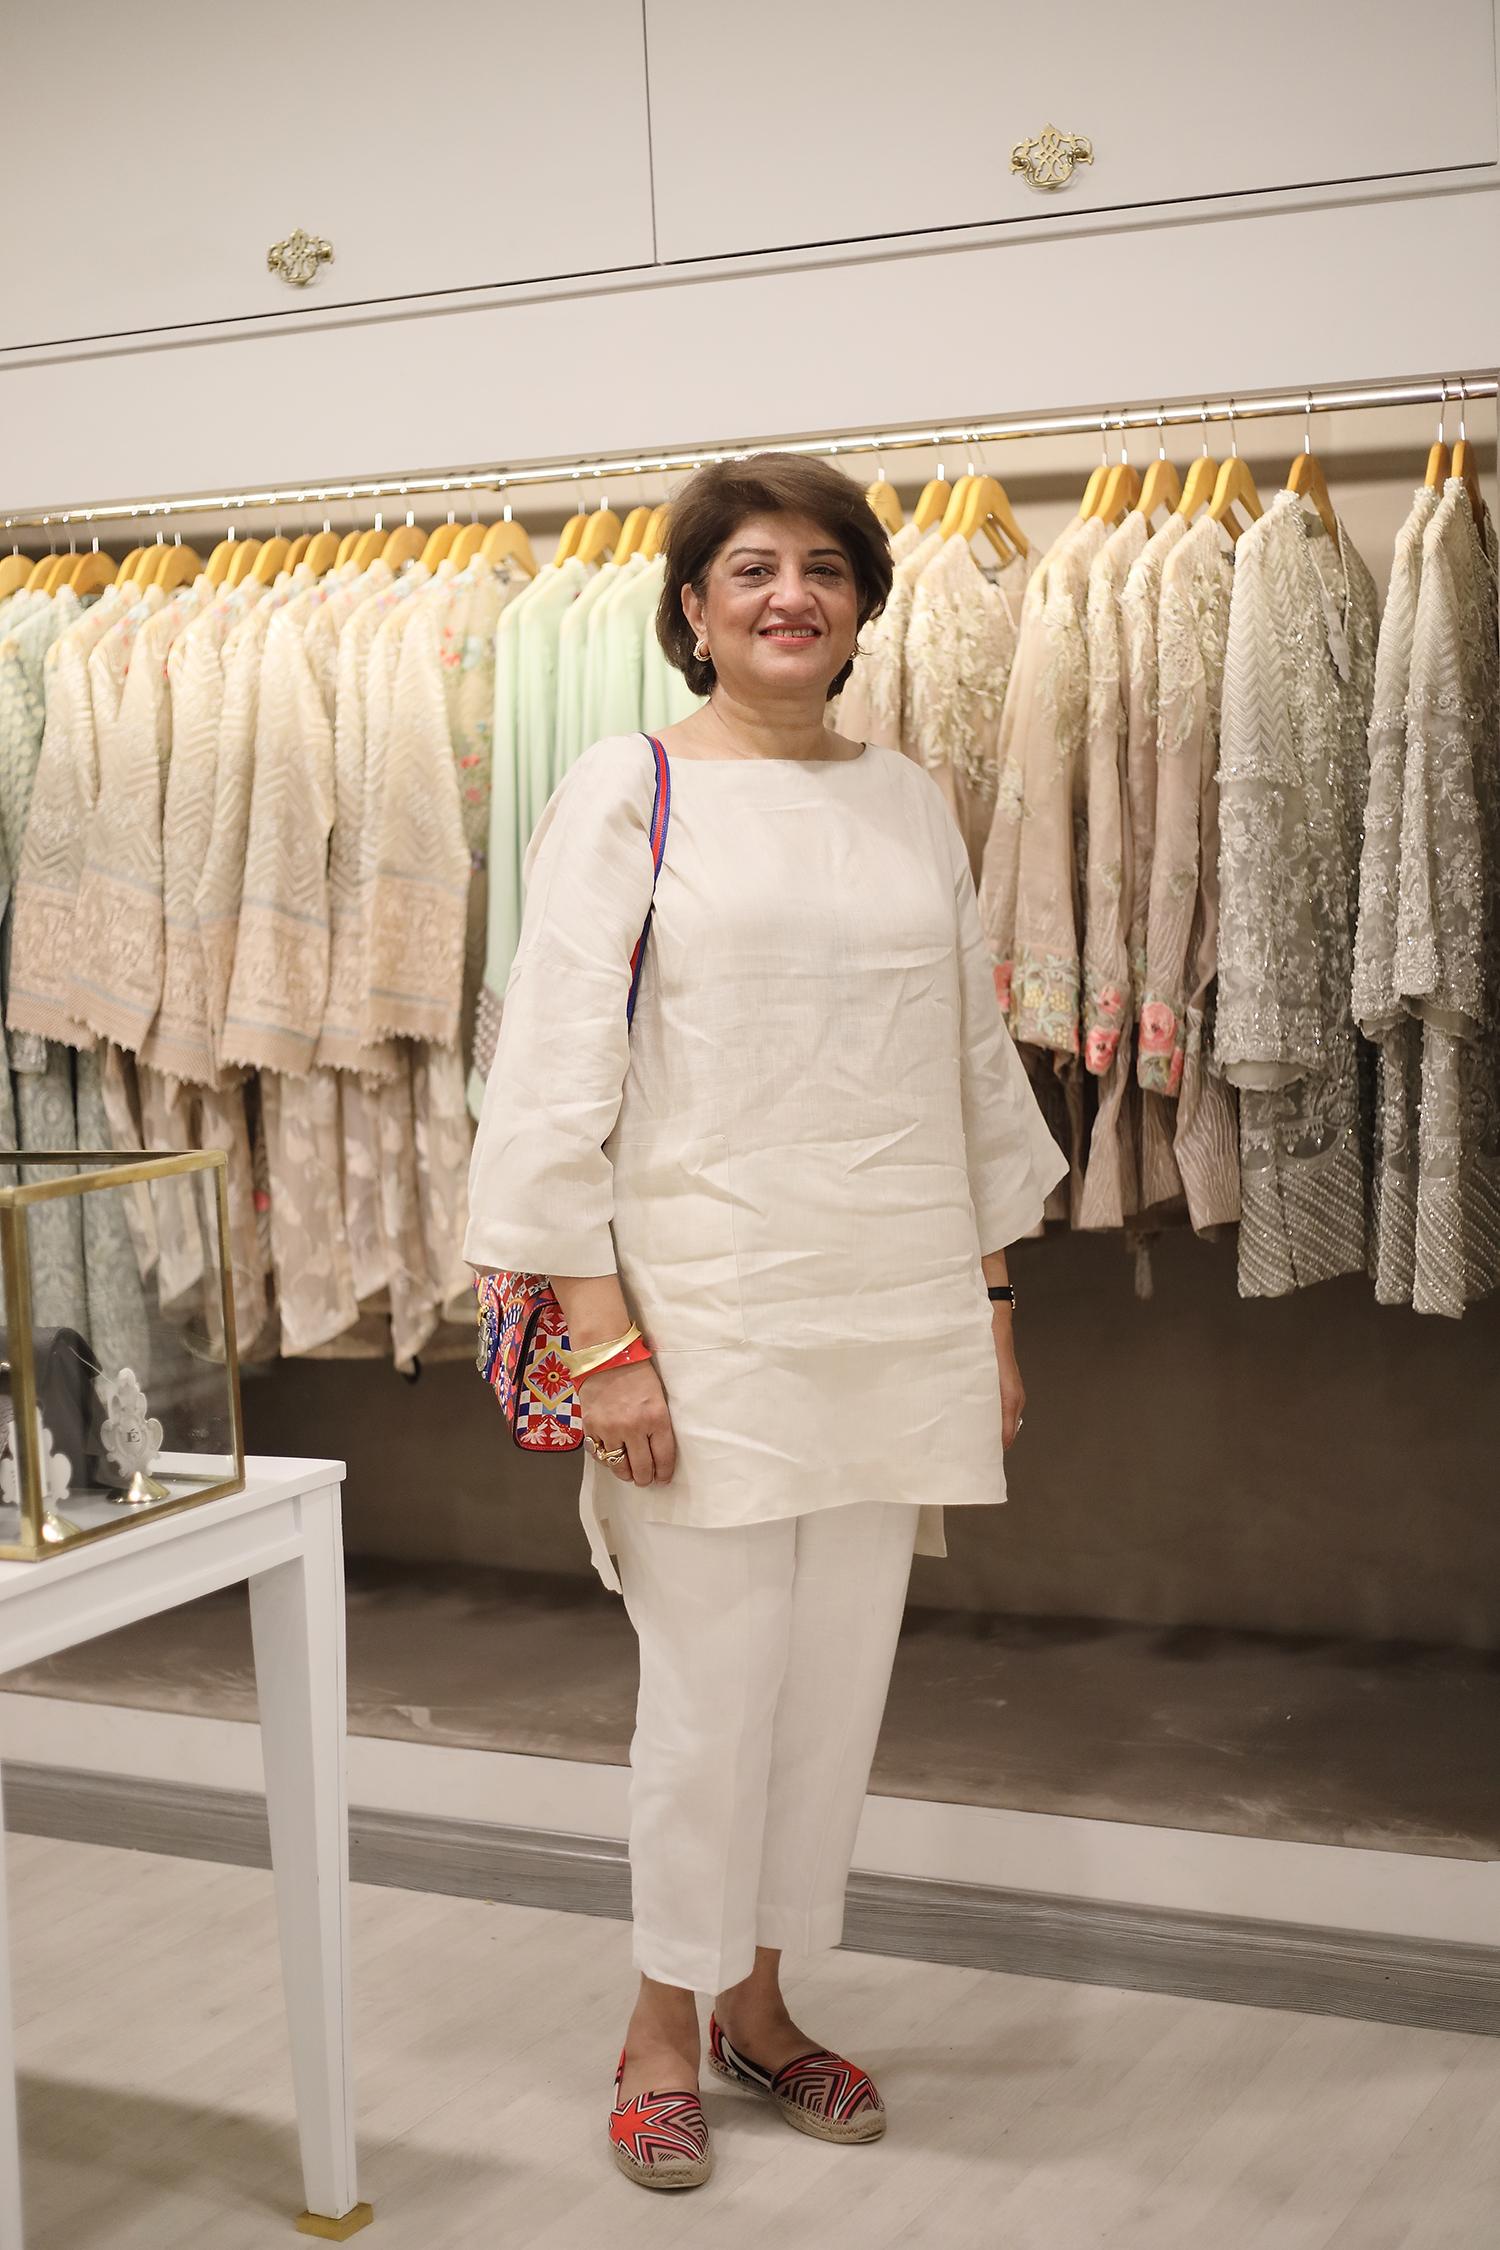 Mehriene Qureshi